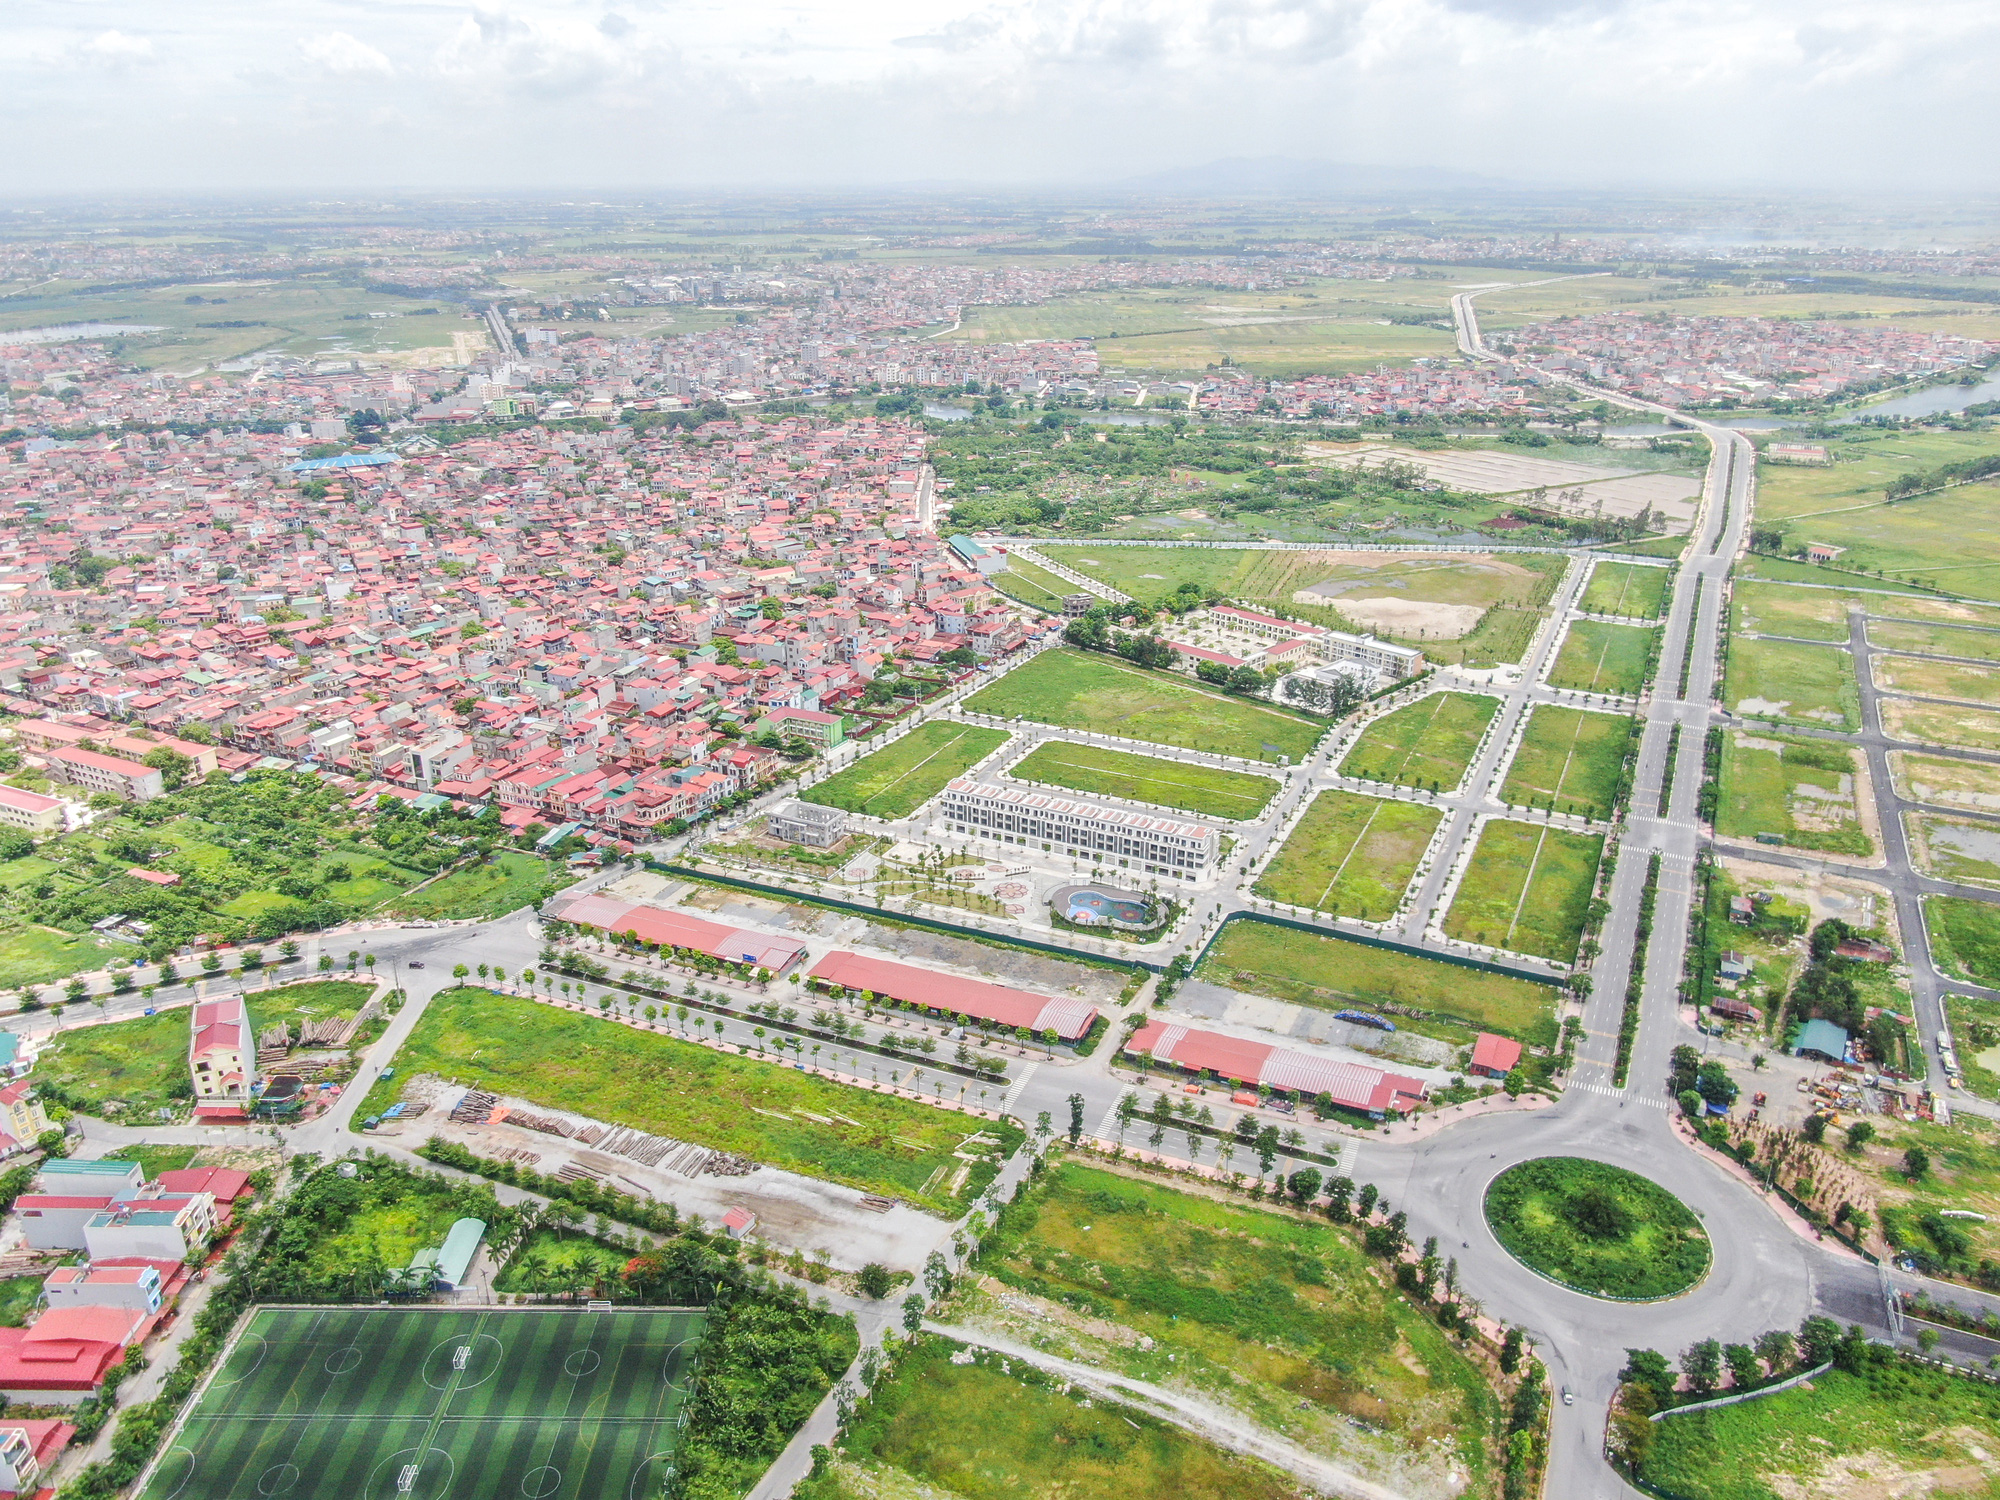 Bắc Ninh: Từ Sơn lên Thành phố, giá bất động sản có tiếp tục tăng? - Ảnh 5.